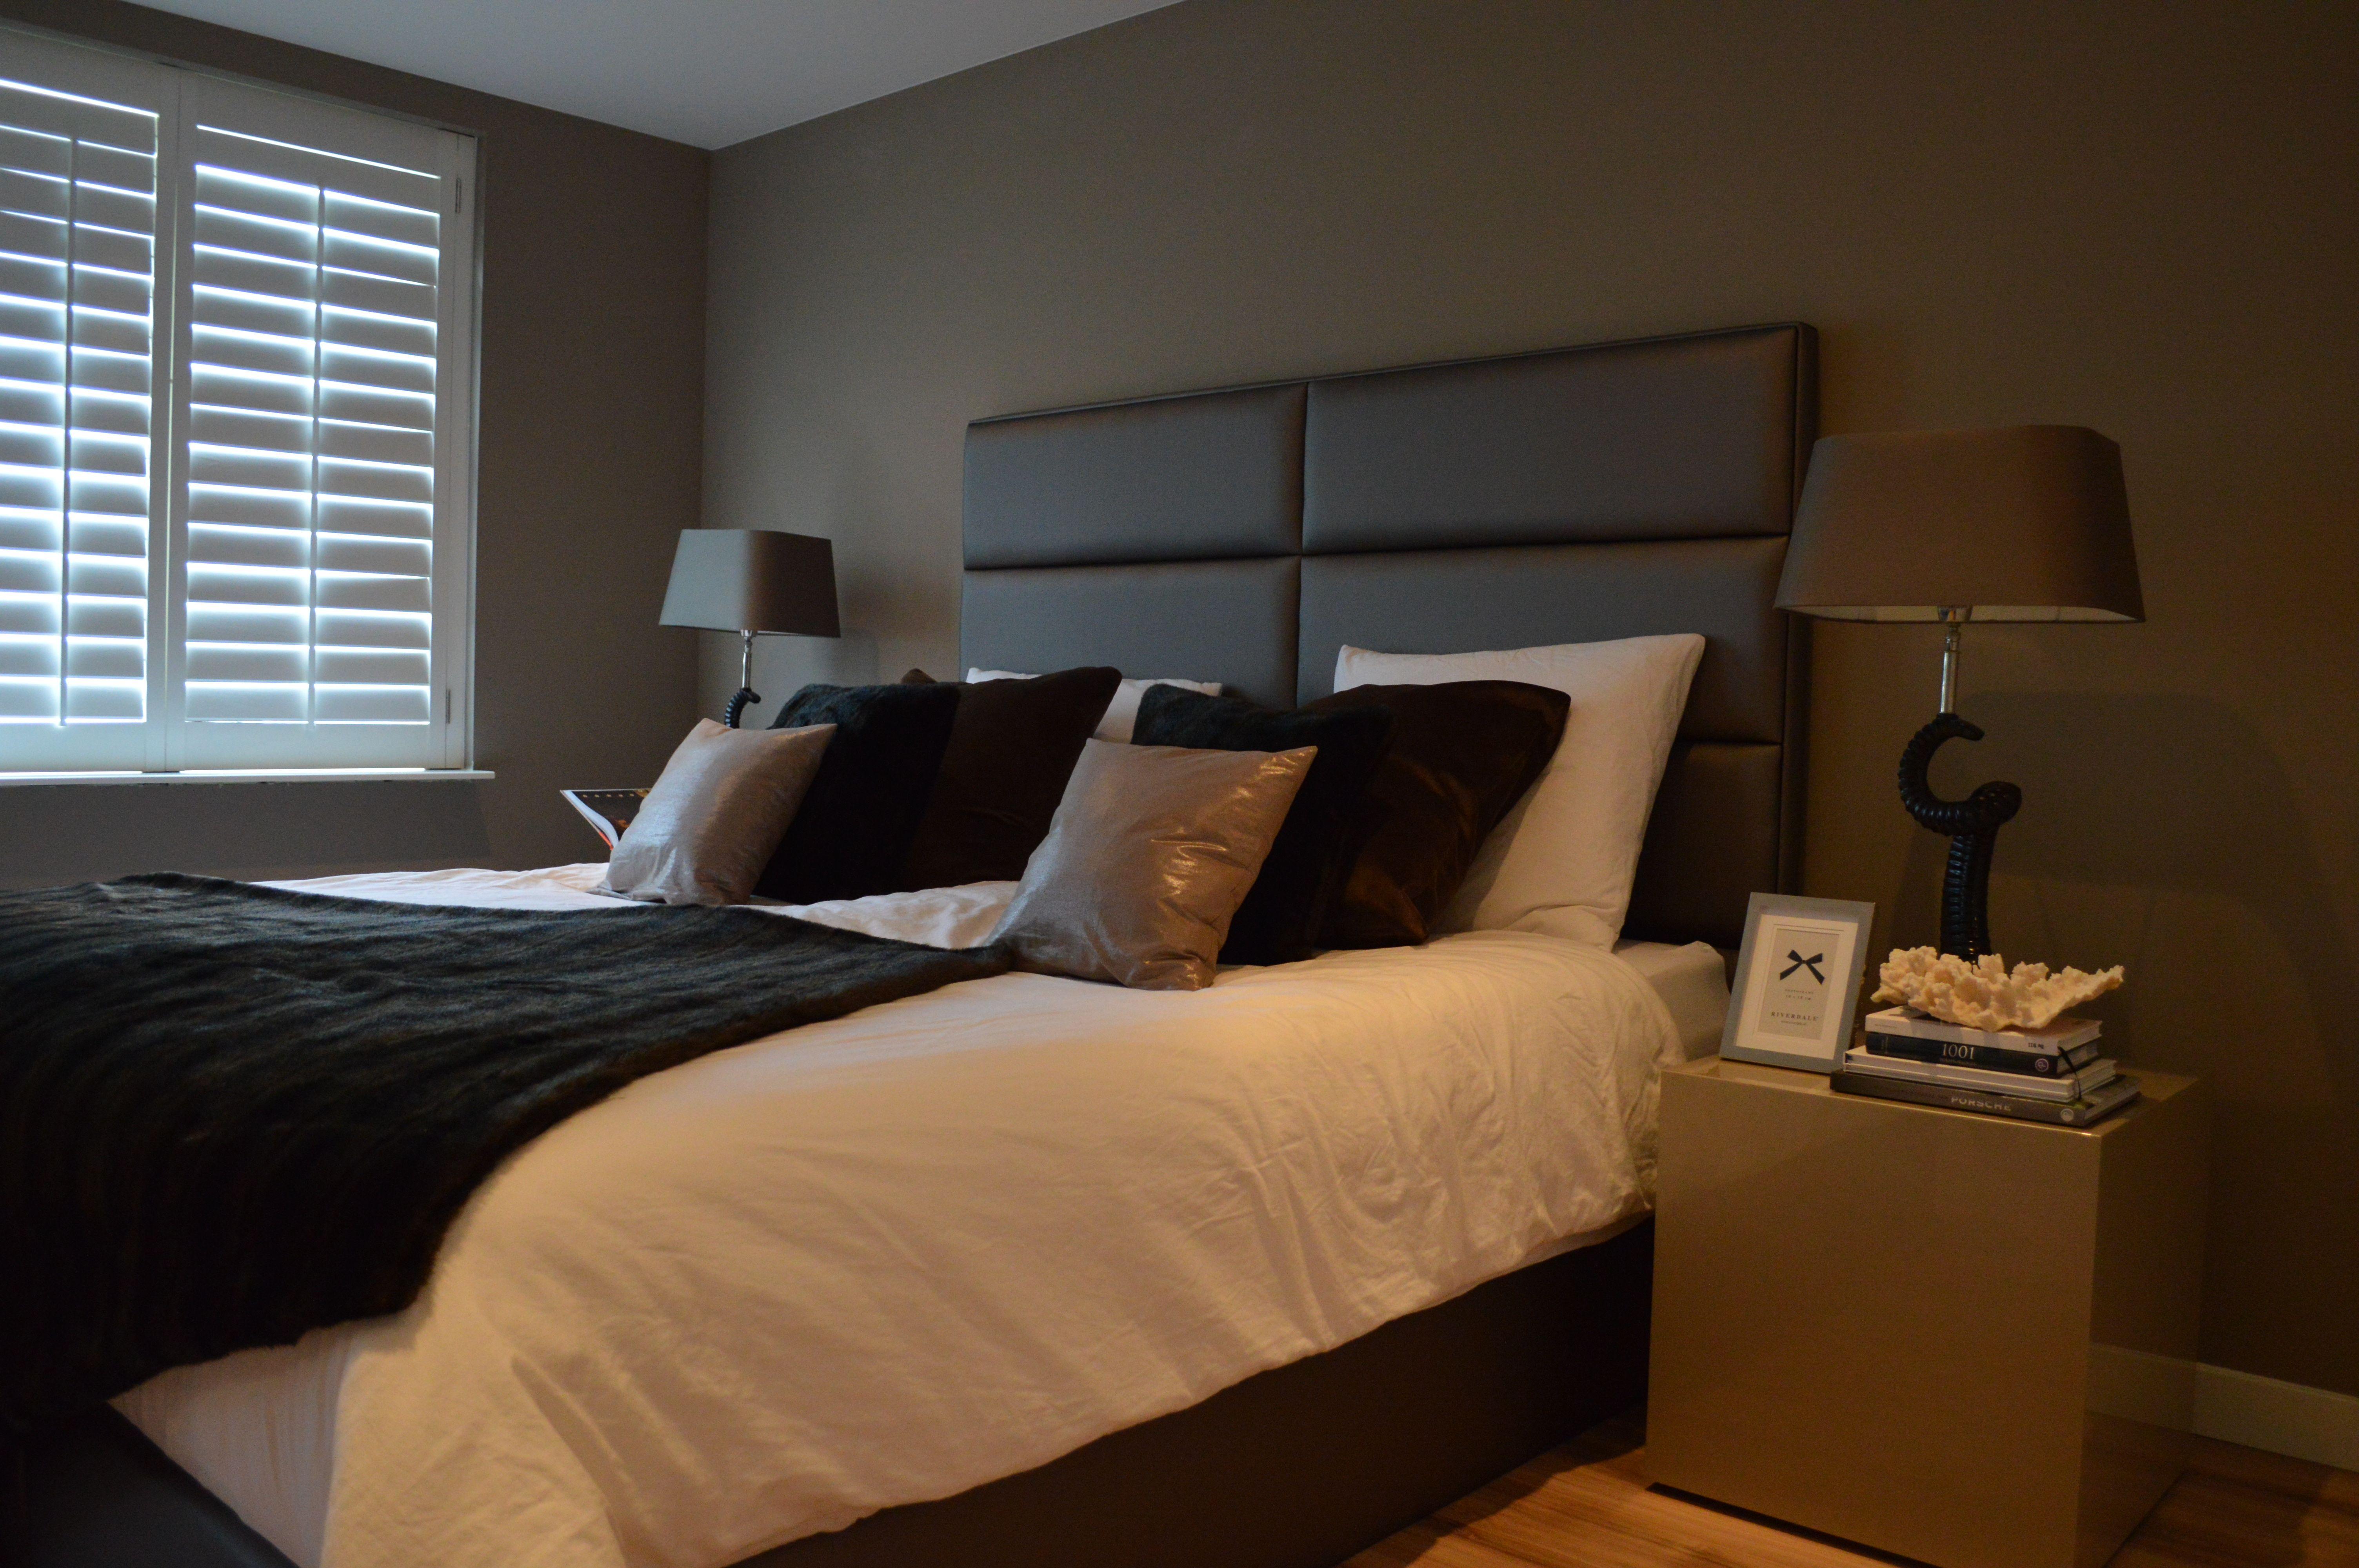 Dit hoofdbord op maat past perfect bij uw luxe slaapkamer. volledig